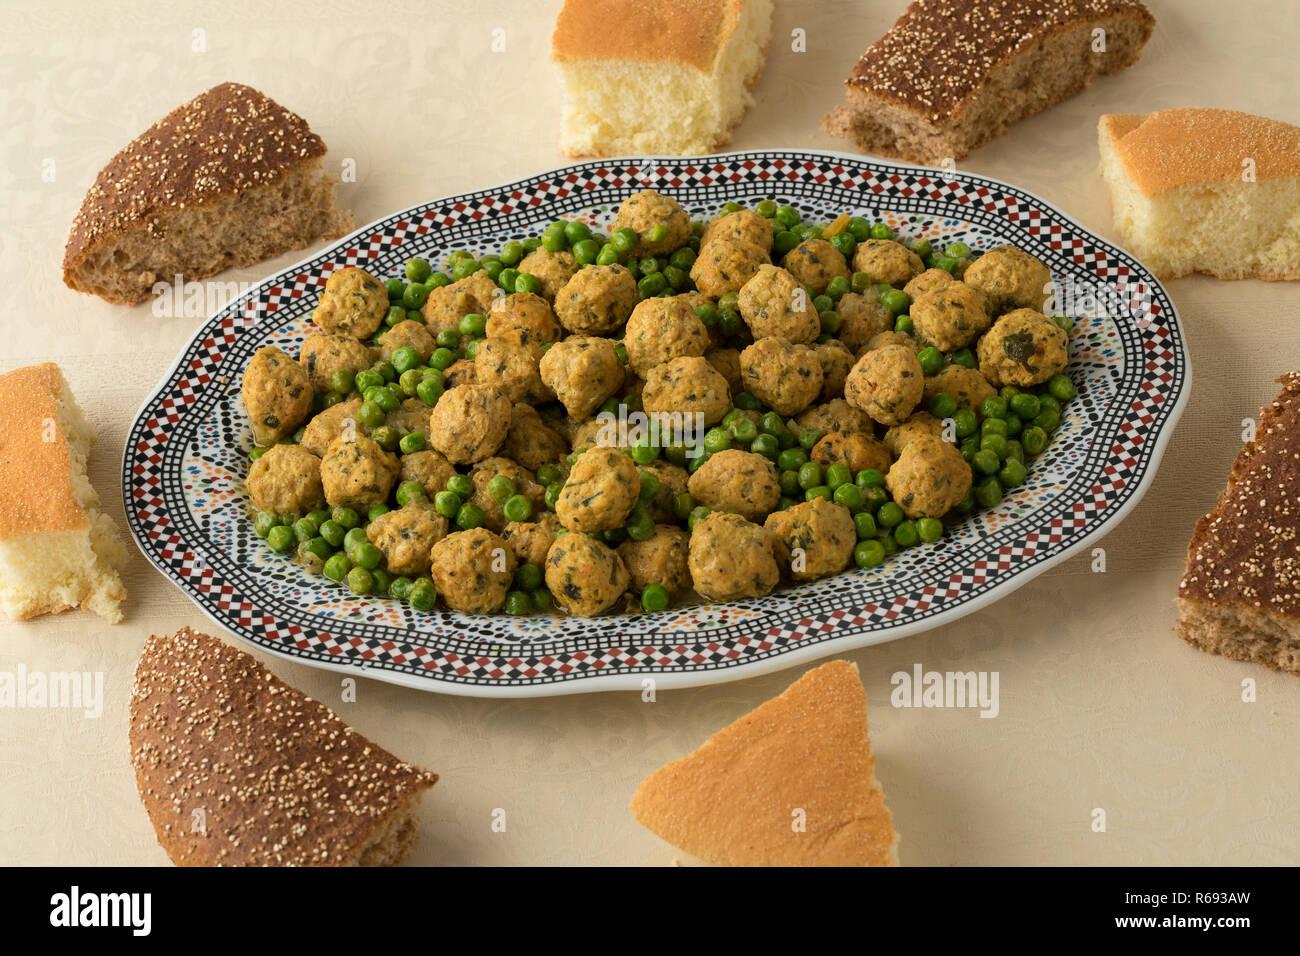 Boules de poulet hachée de style marocain, les pois verts et du pain pour le dîner Banque D'Images